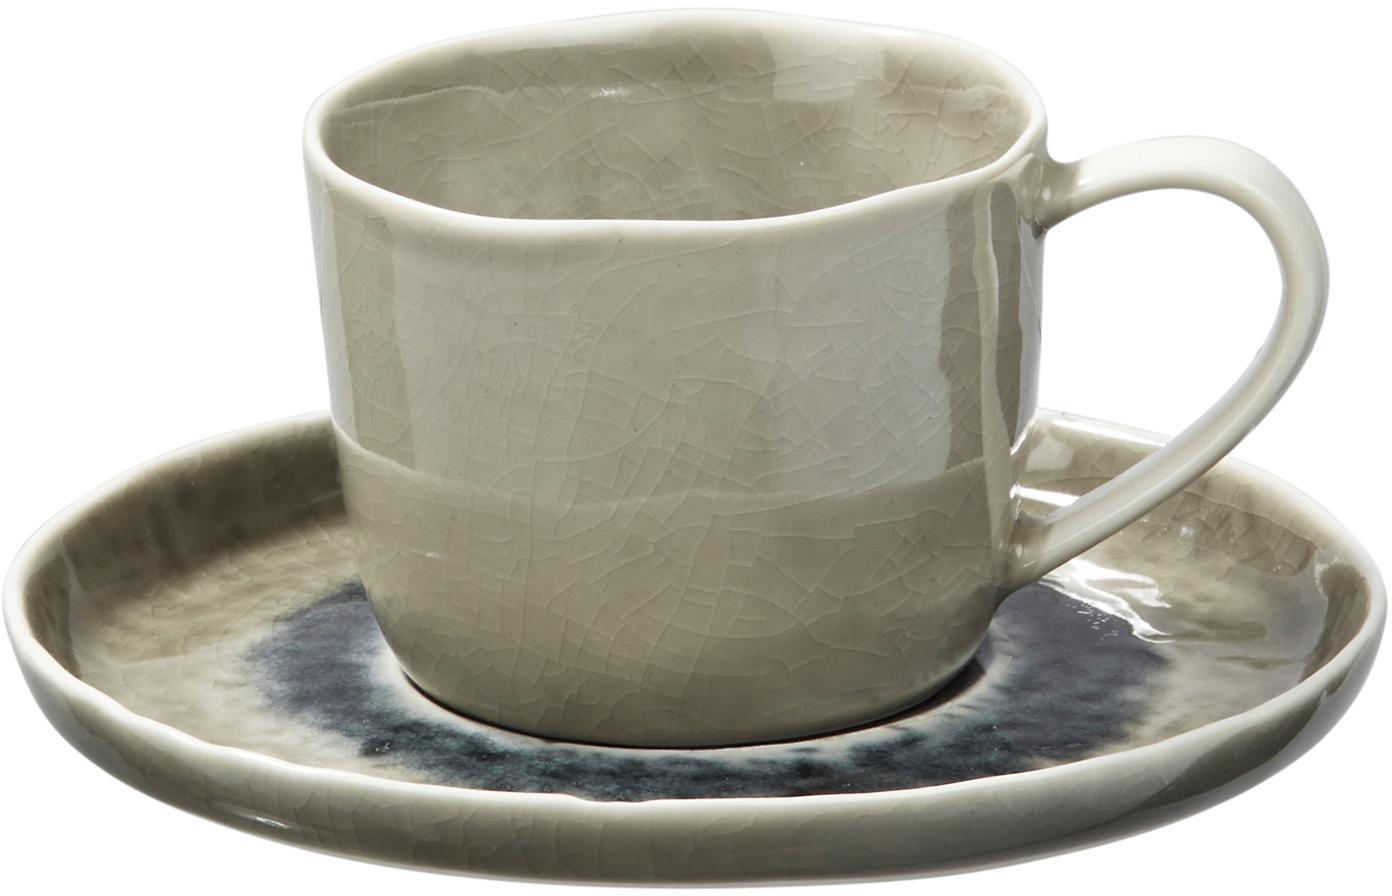 Kubek ze spodkiem Porcelino Sea, 6 szt., Porcelana, Szarozielony, beżowy, ciemnyszary, Ø 15 x W 8 cm